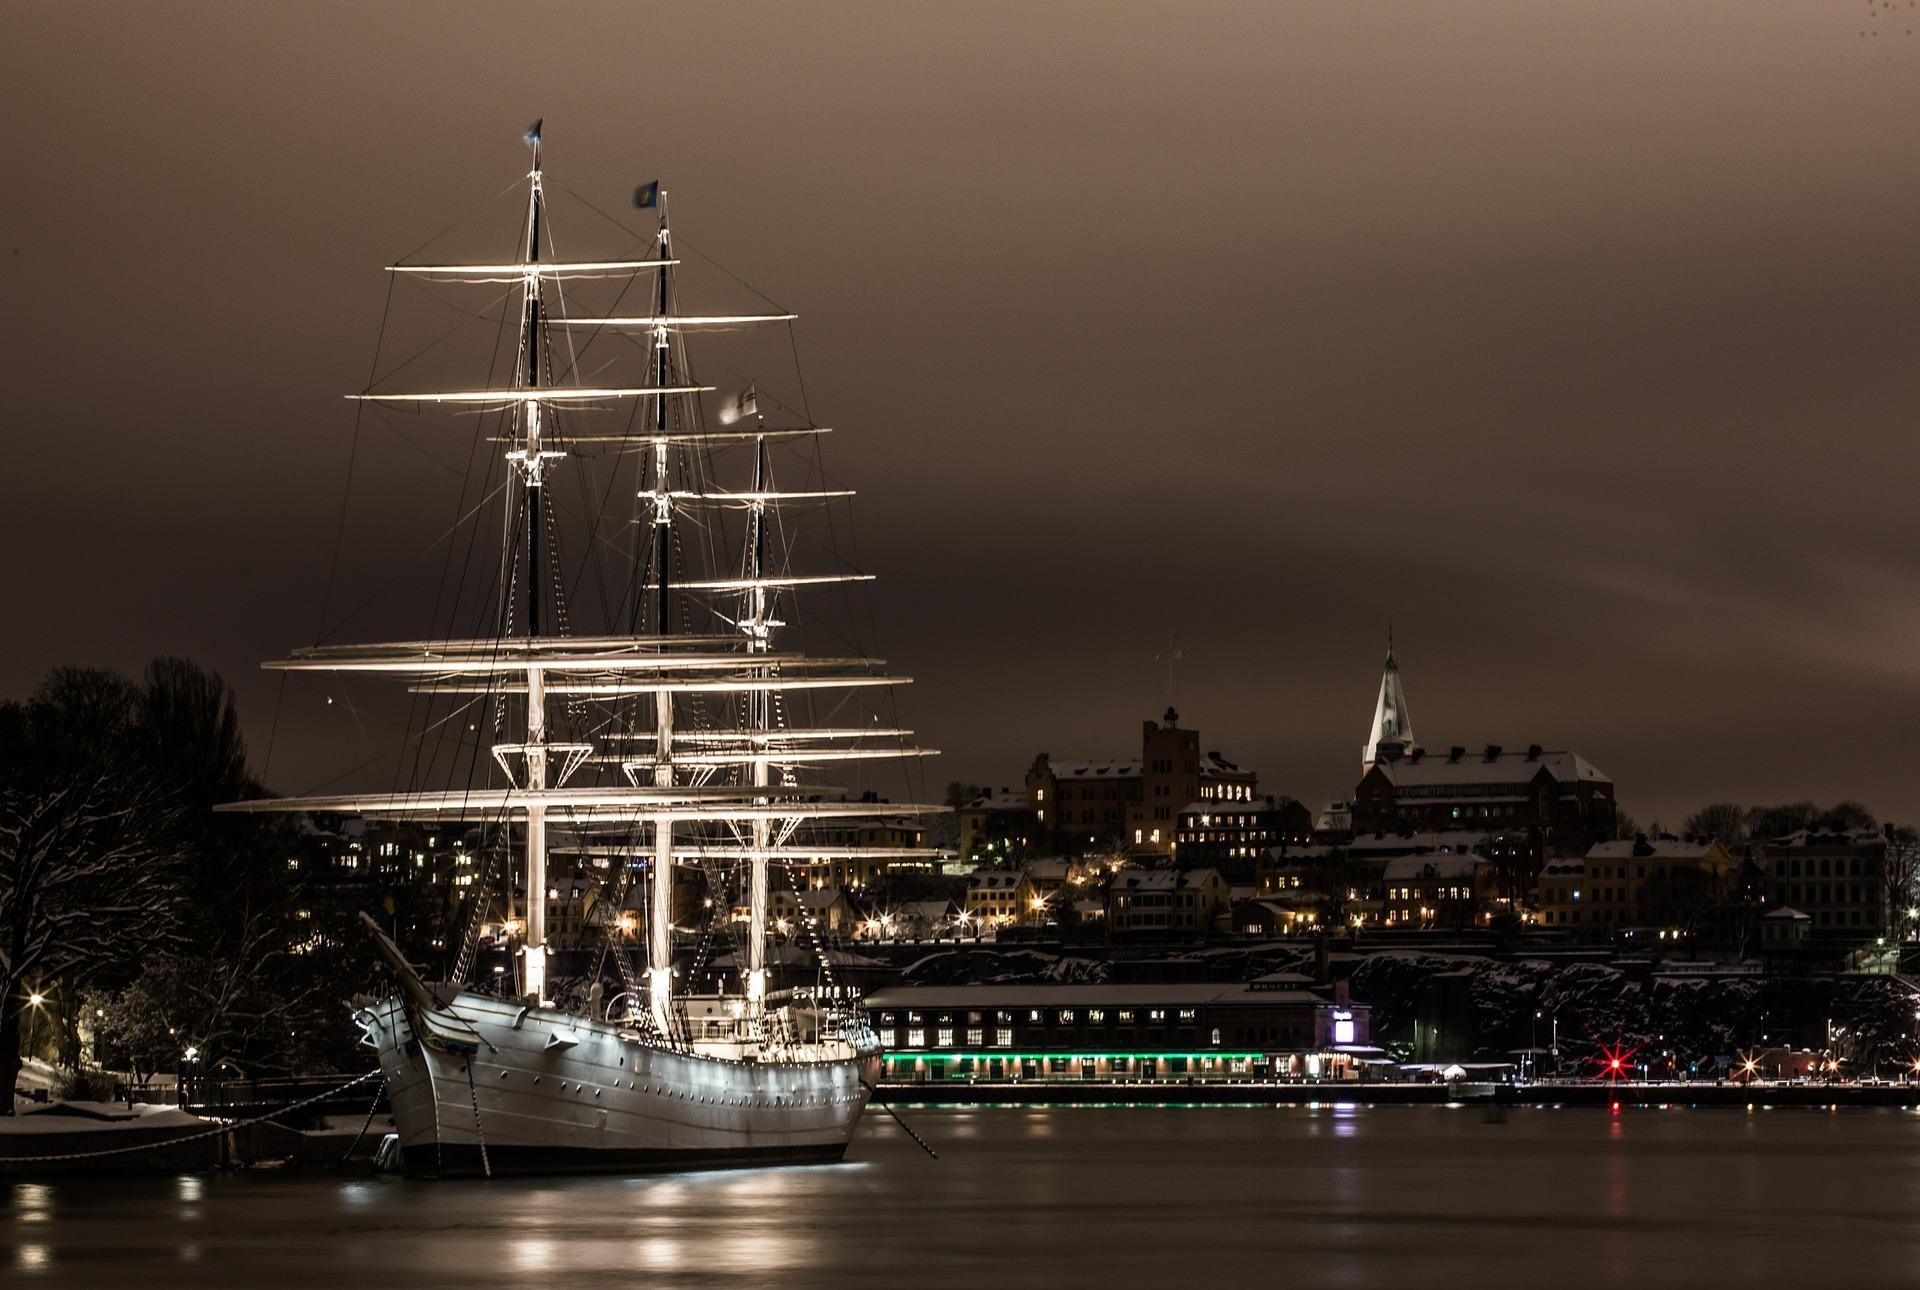 βάρκα, νύχτα, Στοκχόλμη, Αναζήτηση, Λιμάνι - Wallpapers HD - Professor-falken.com